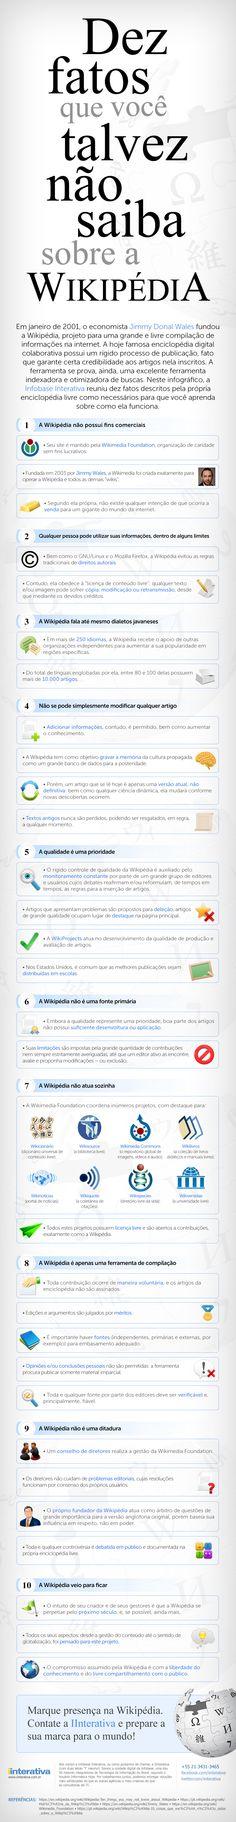 Infográfico: 10 coisas que você não sabia sobre a Wikipédia - http://vcnotopo.com.br/classificados_curitiba/vendo/blog-vc-no-topo/28-01-2014/infografico-10-coisas-que-voce-nao-sabia-sobre-a-wikipedia.html